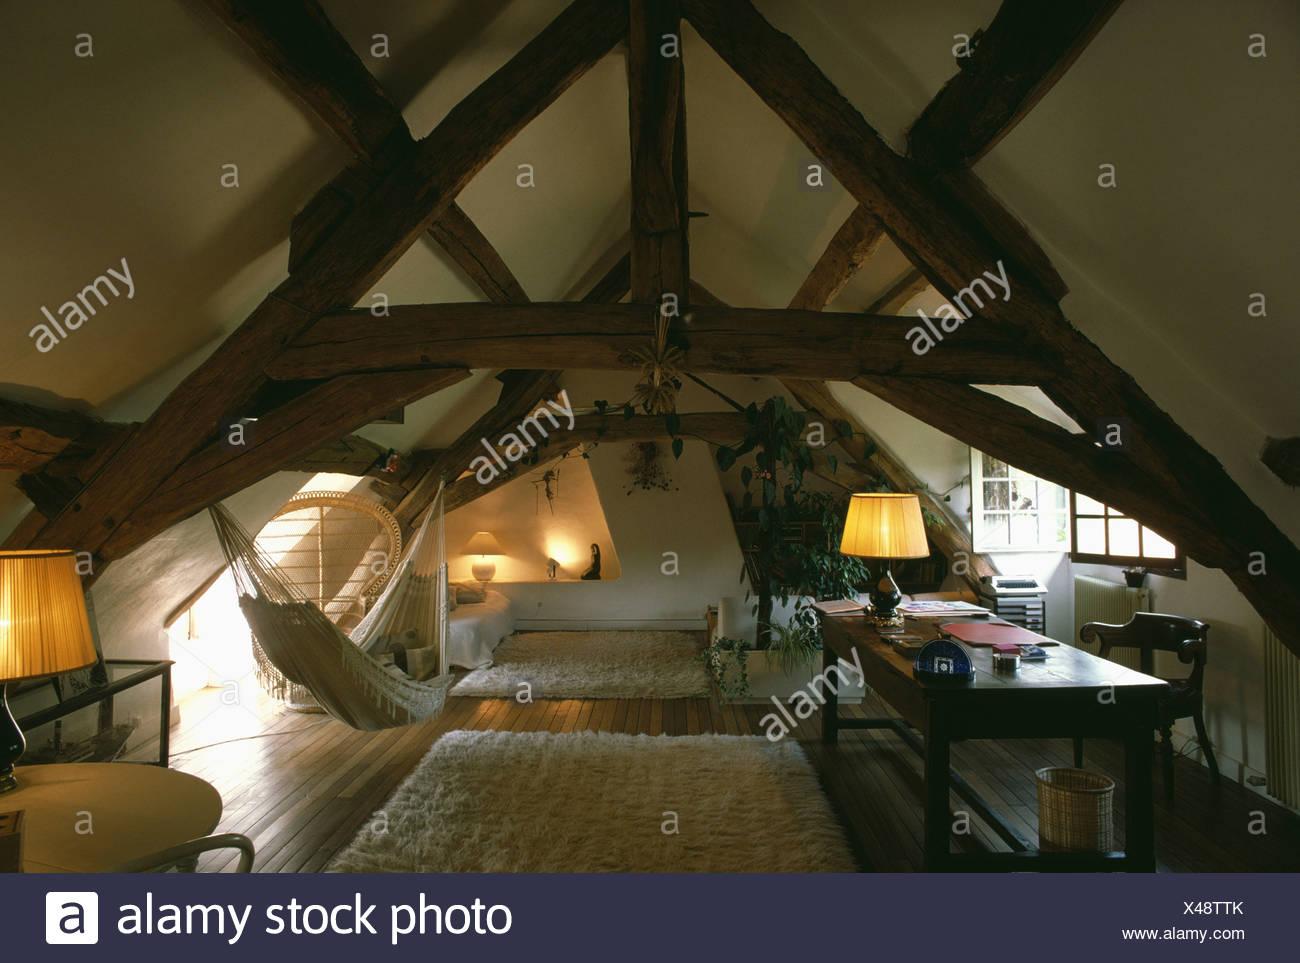 Brennenden Lampen Und Weisses Schaffell Teppiche Und Hangematte In